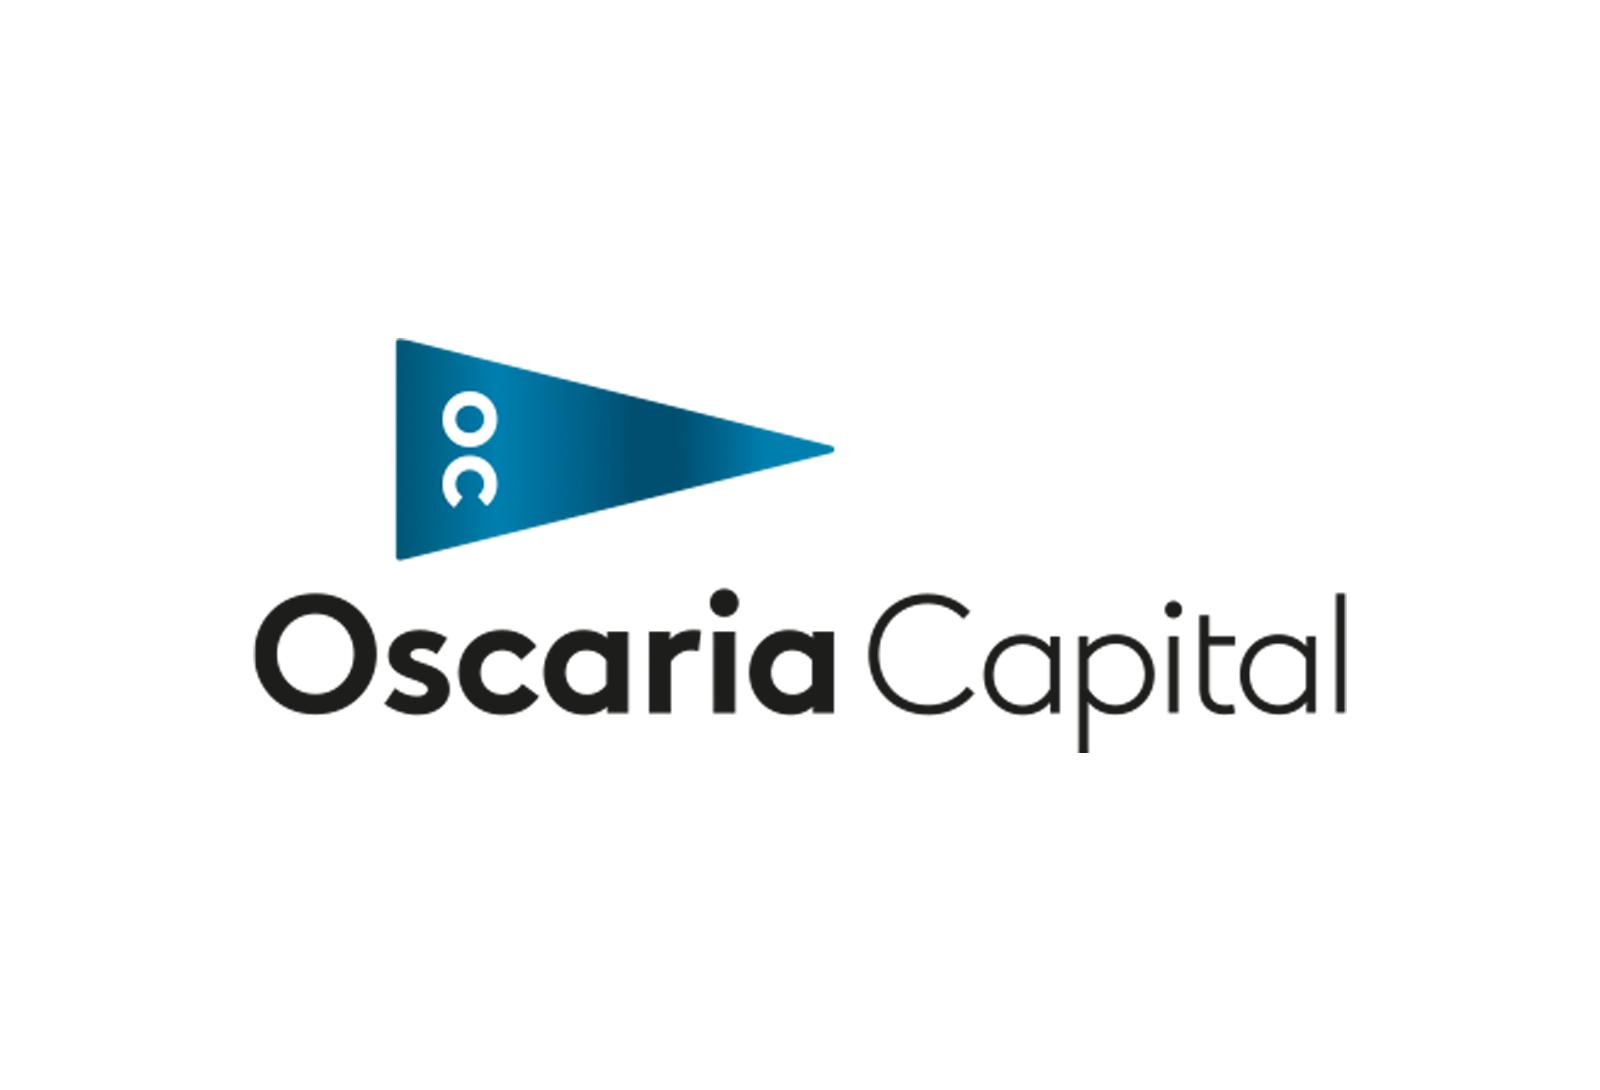 """Produktion av <a href=""""https://www.oscaria.se"""" target=""""_blank"""" rel=""""noopener"""">oscaria.se</a>"""